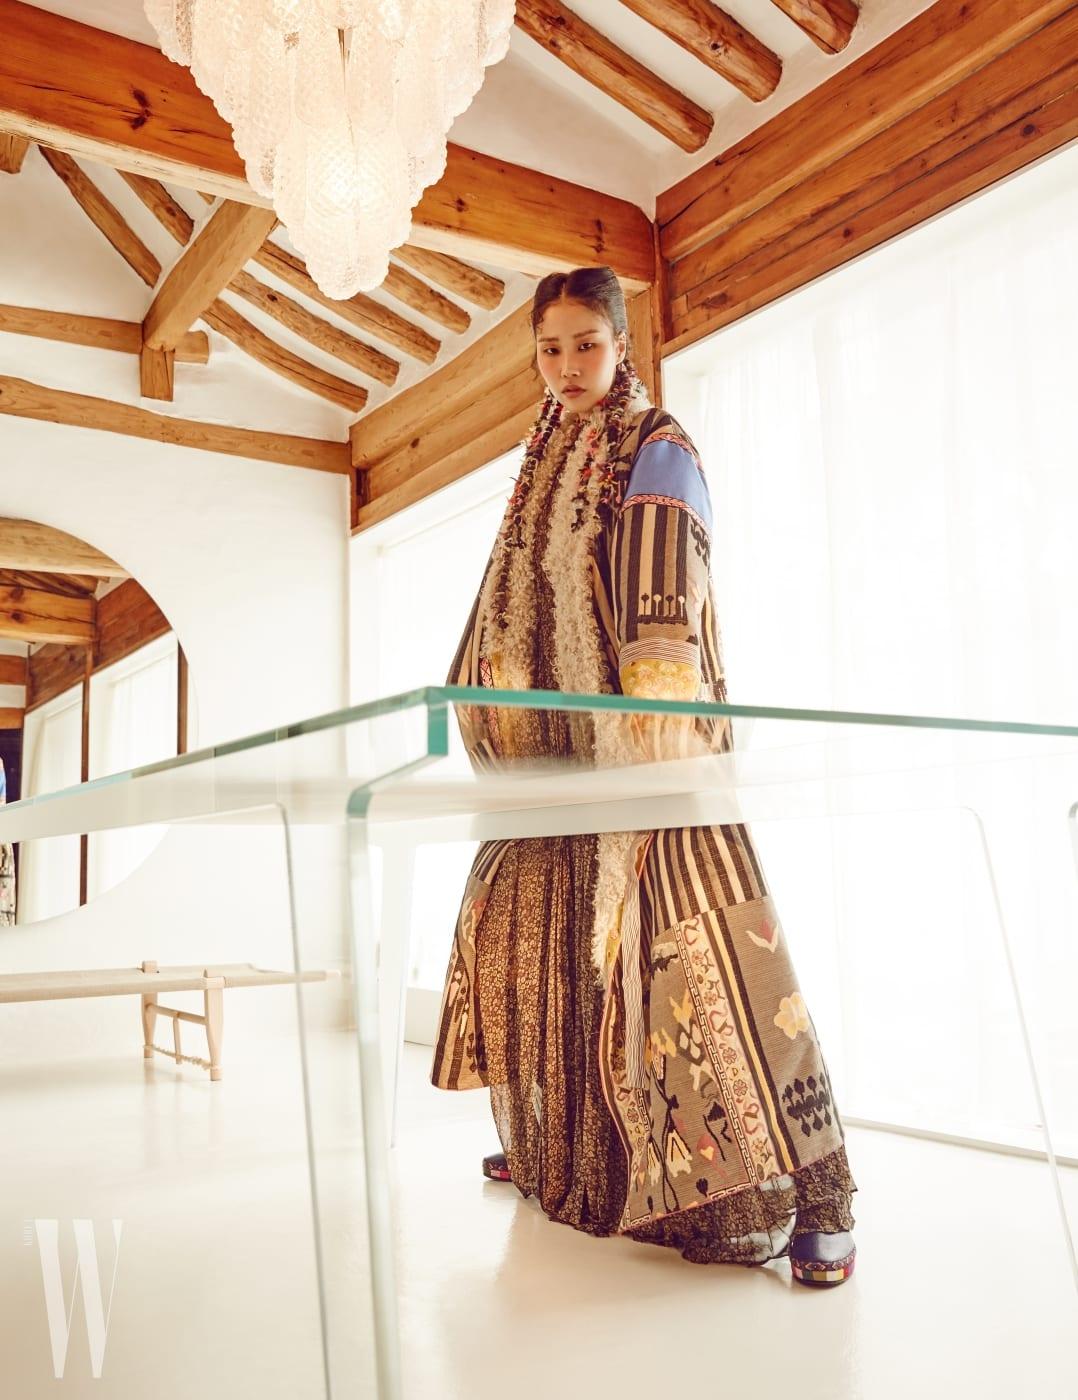 티베트, 몽골 등 유목민의 이국적인 정서가 담긴 롱 코트, 잔잔한 꽃무늬를 새긴 롱 드레스, 티베트 깃발이 연상되는 컬러 장식 부츠는 모두 Etro 제품.